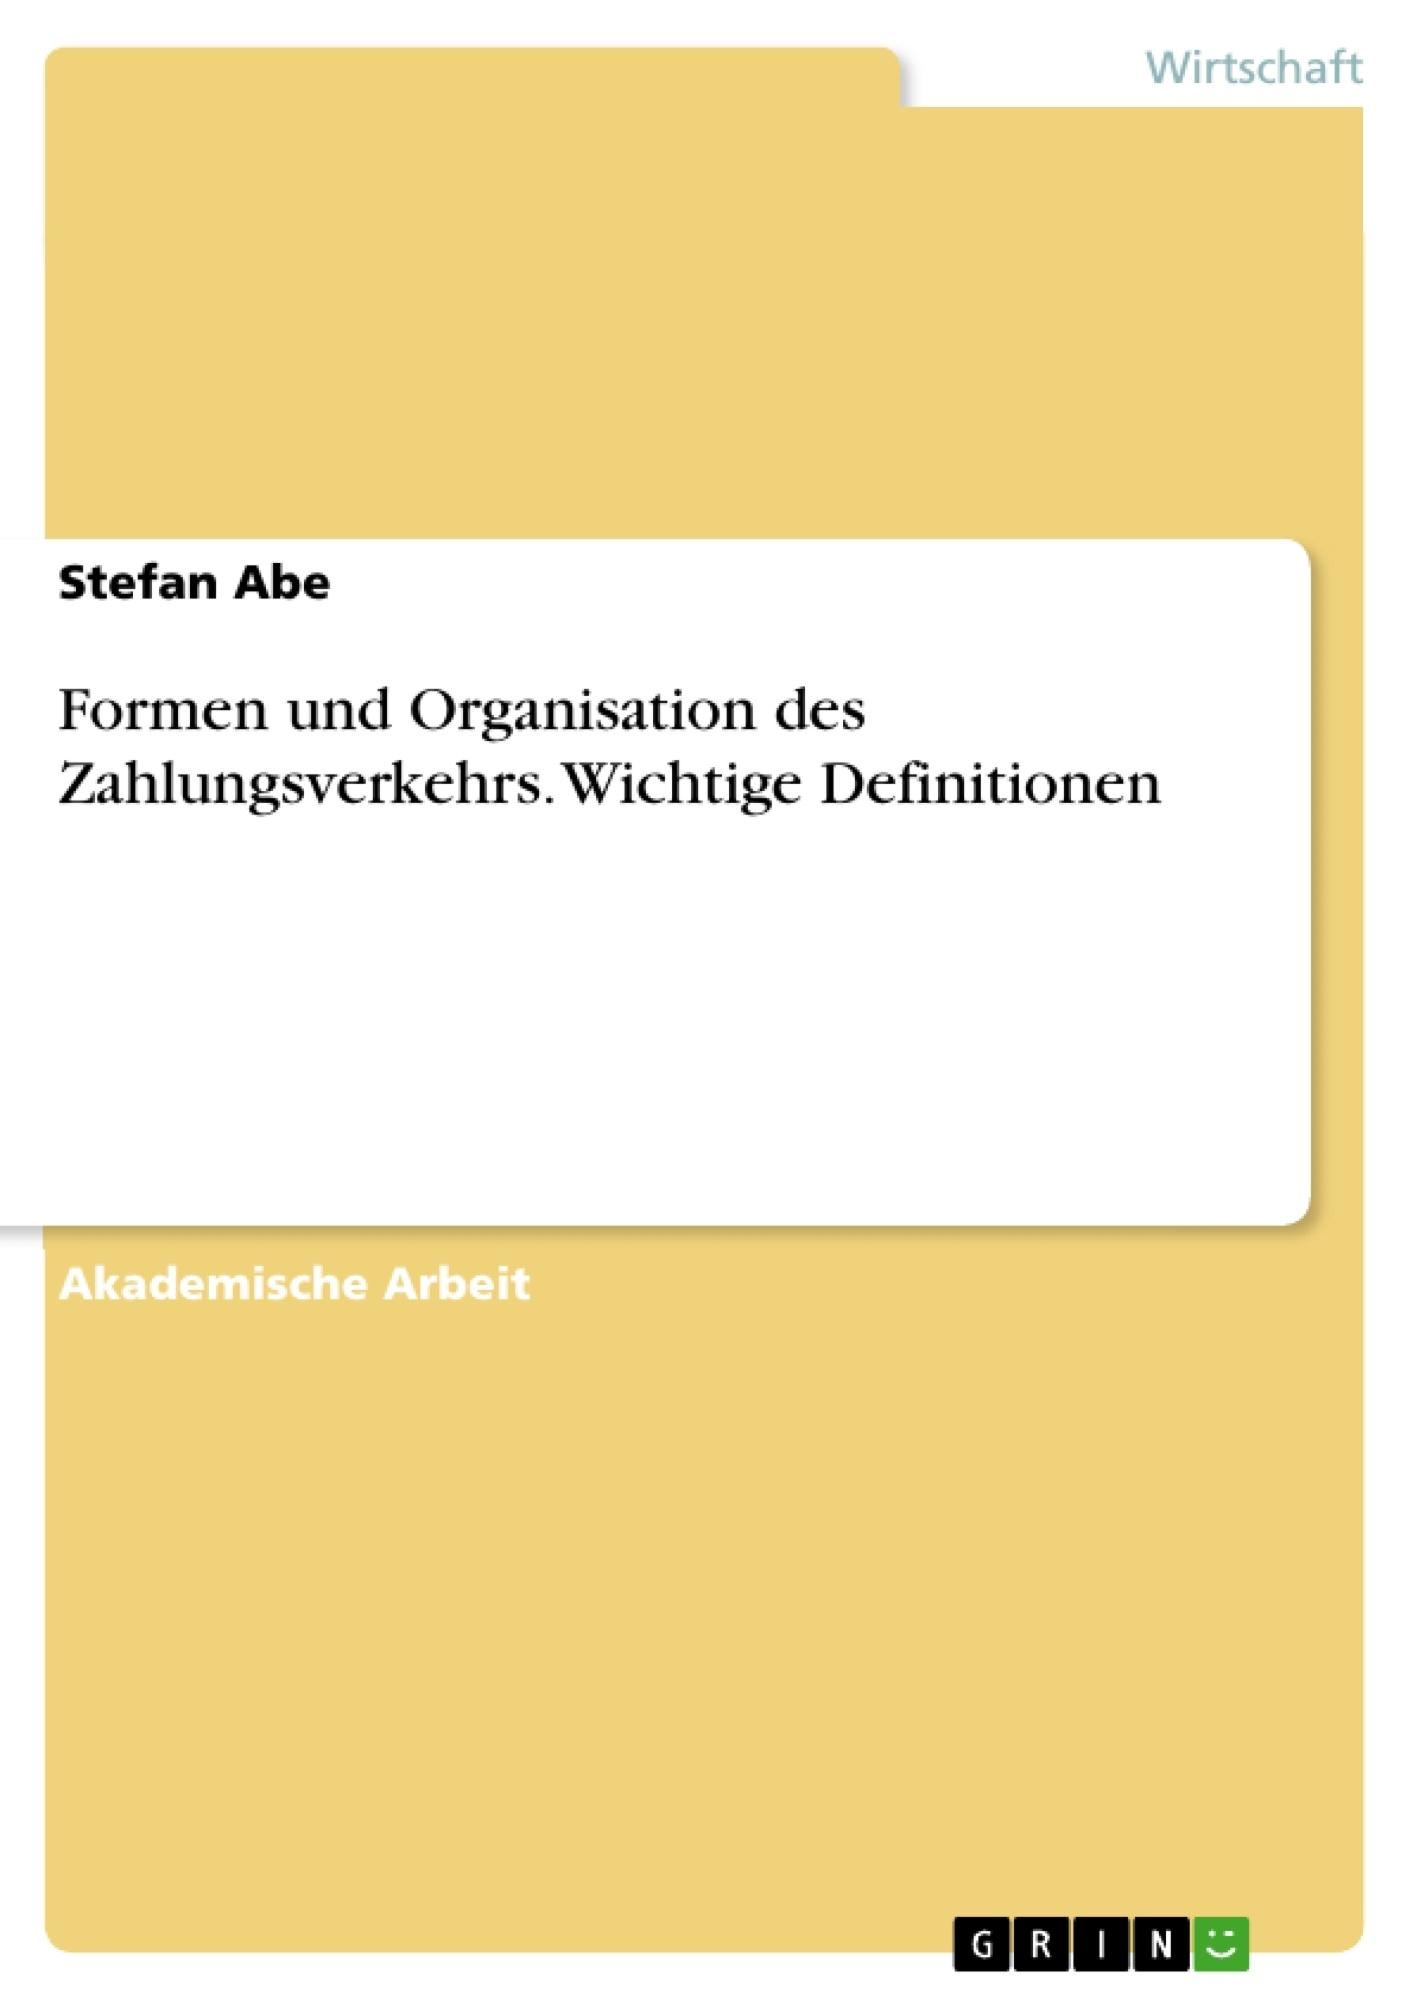 Titel: Formen und Organisation des Zahlungsverkehrs. Wichtige Definitionen